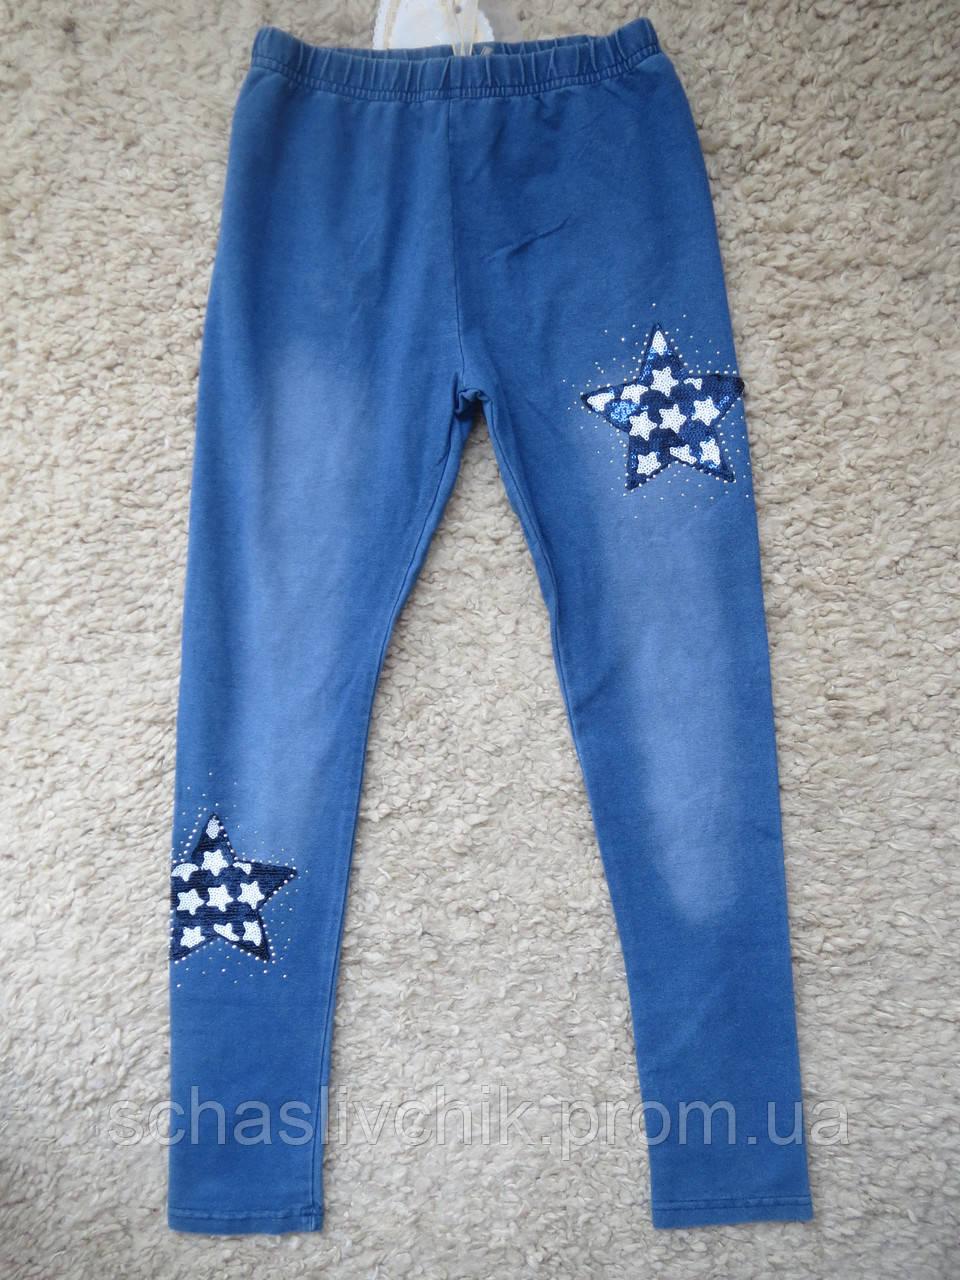 Лосины джинсовые для девочек с Венгрии оптом , размер 8-16, фирма F&D